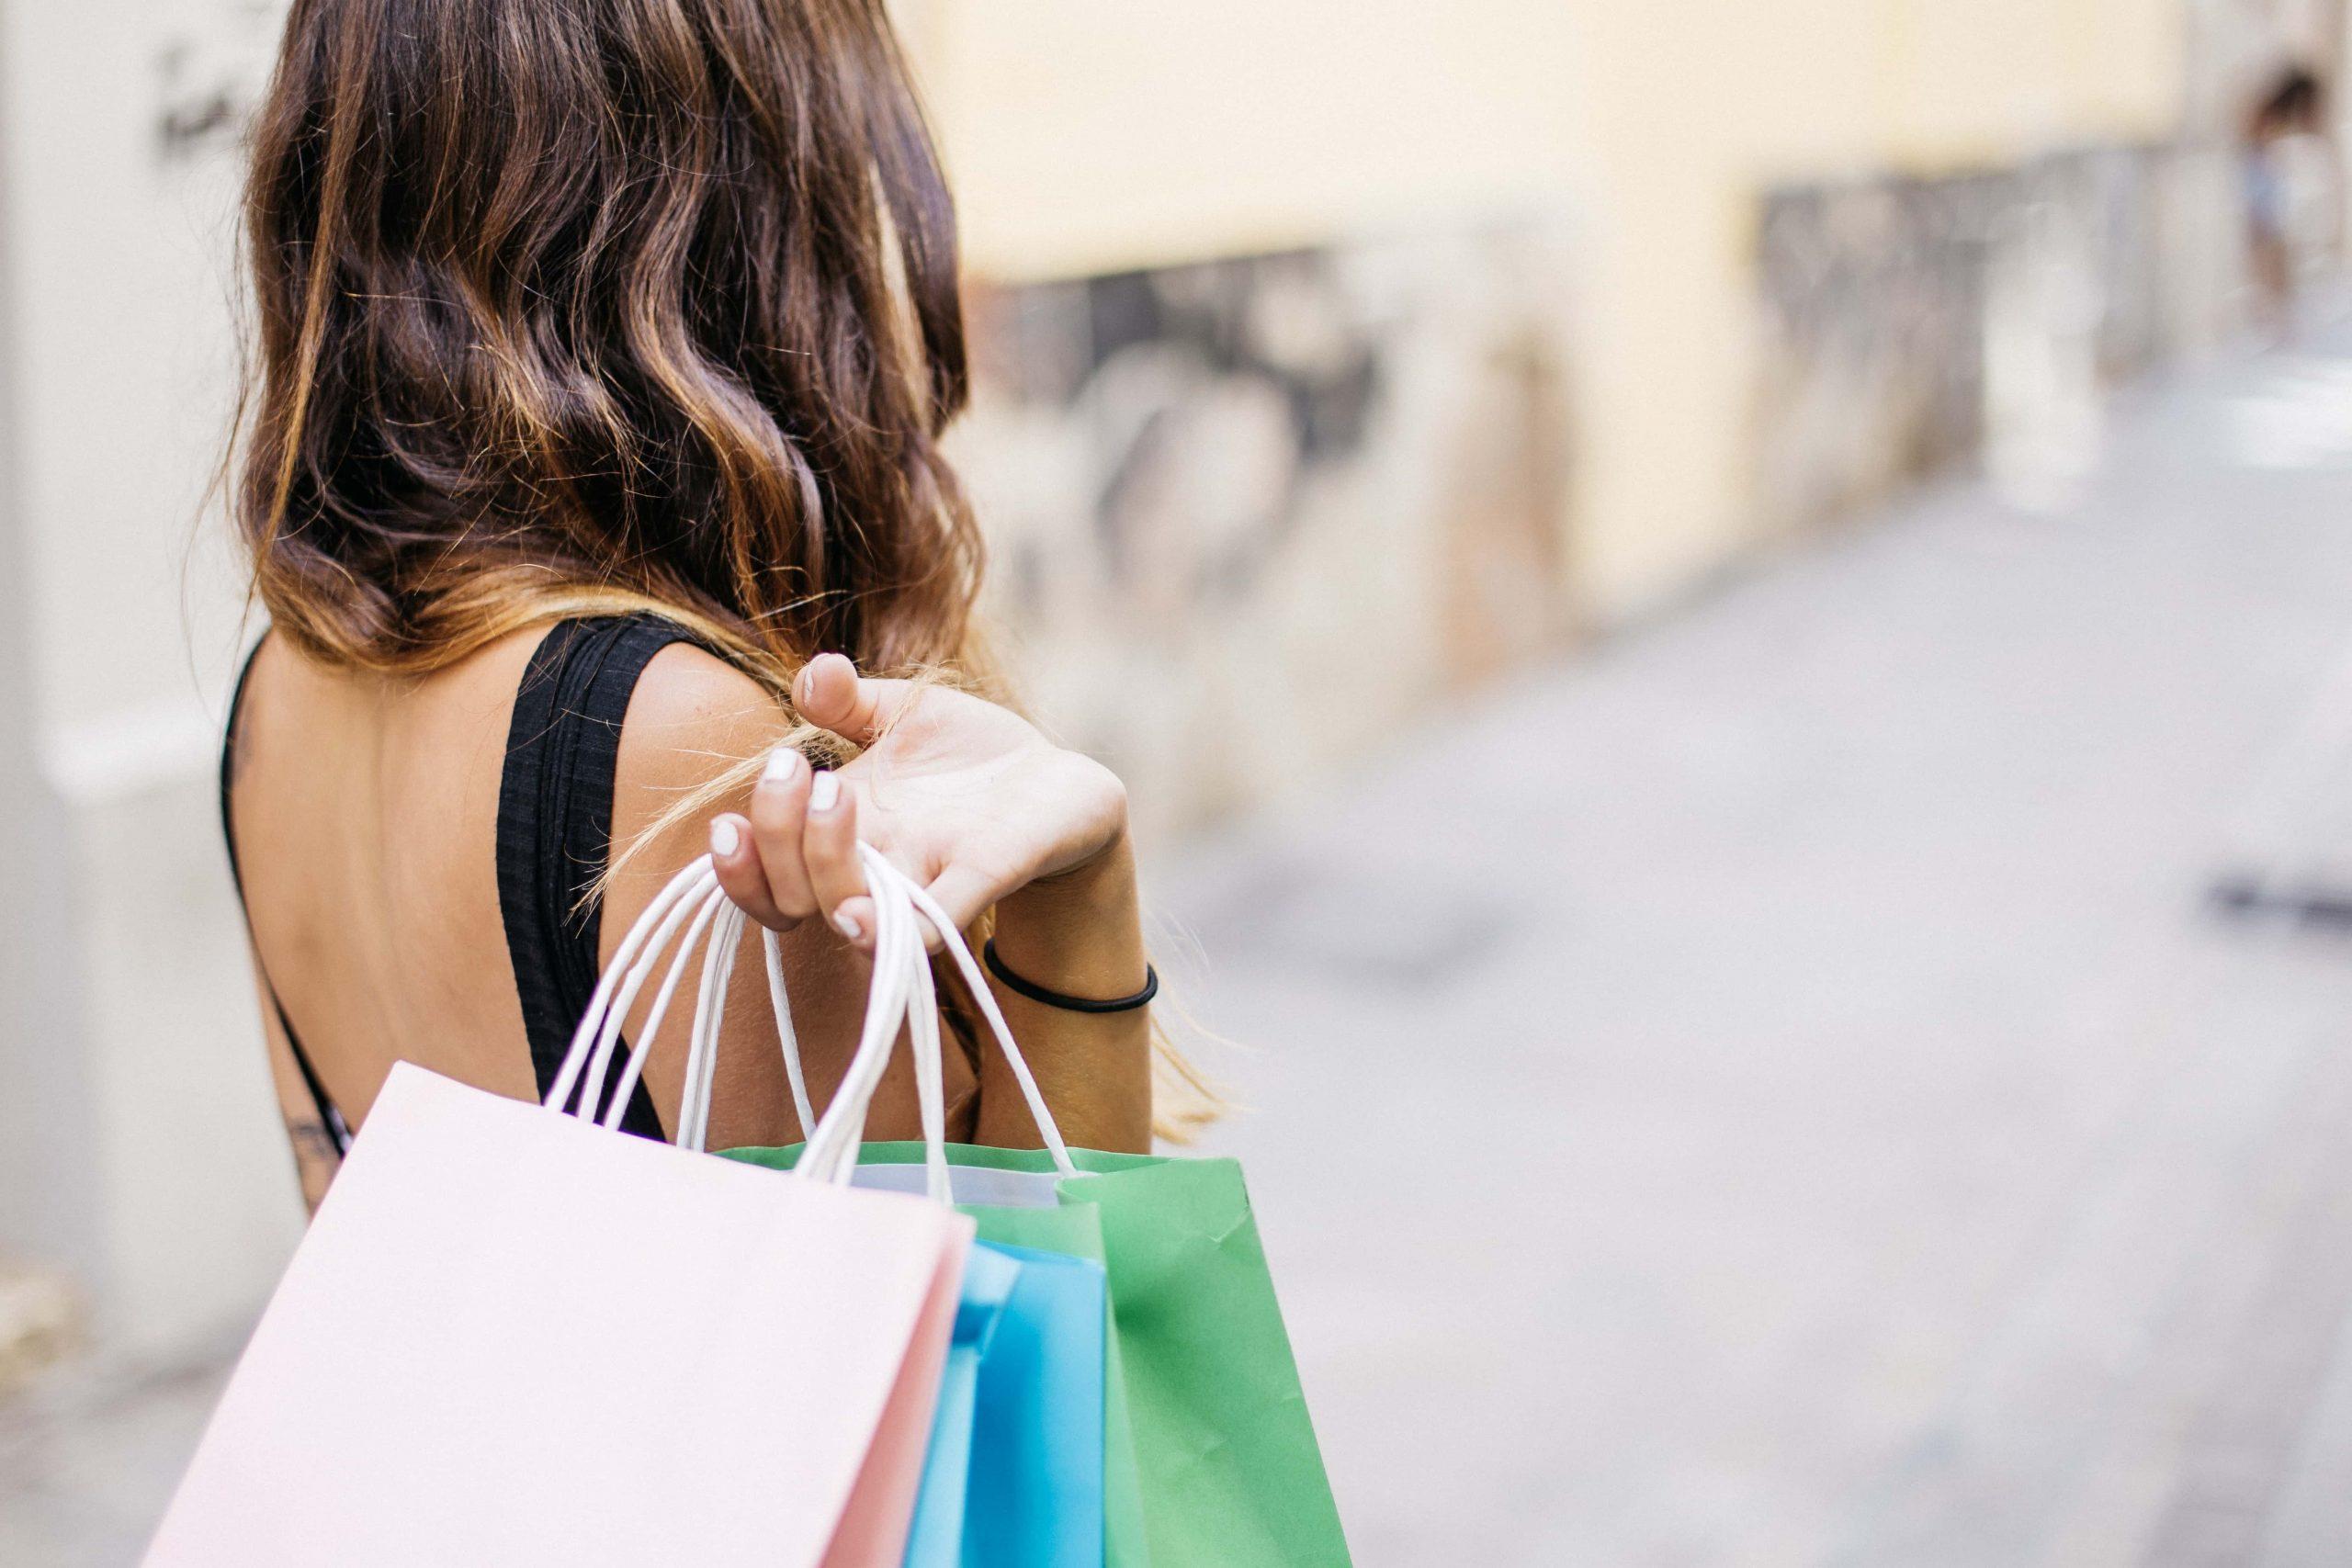 La mode selon L-prêt à porter-Hauts de France-femmes-mode-habillements-boutique en ligne